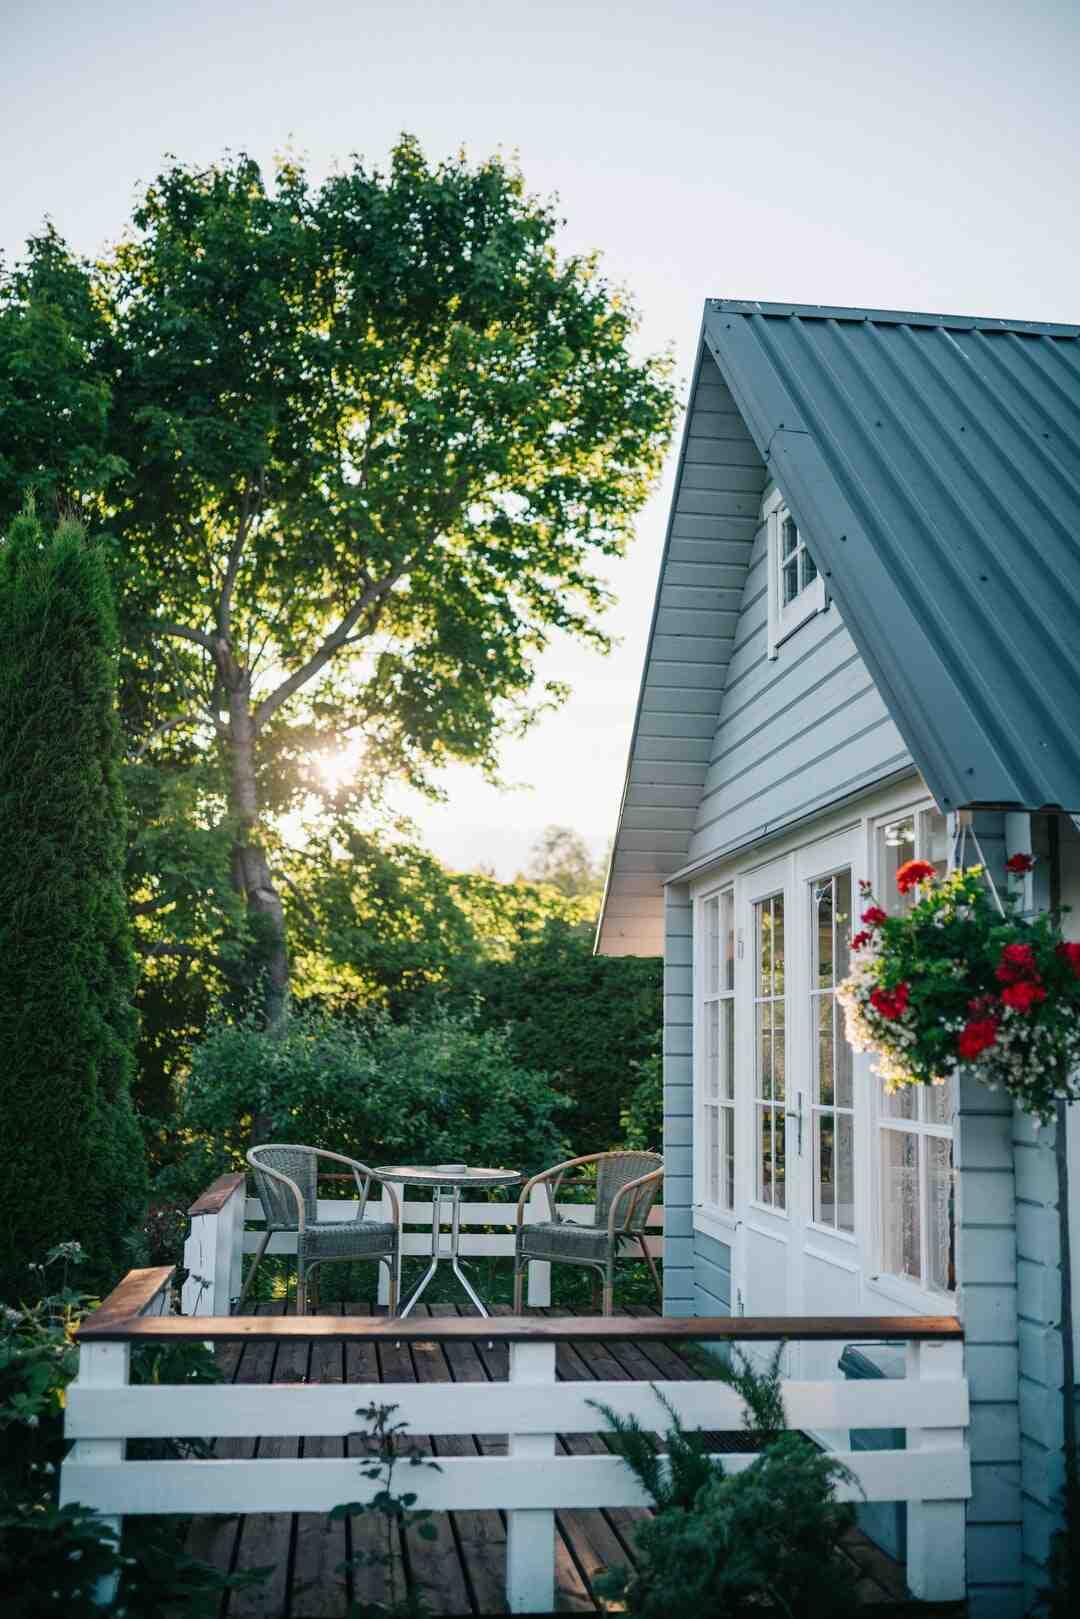 Comment peindre l'intérieur d'une maison neuve ?